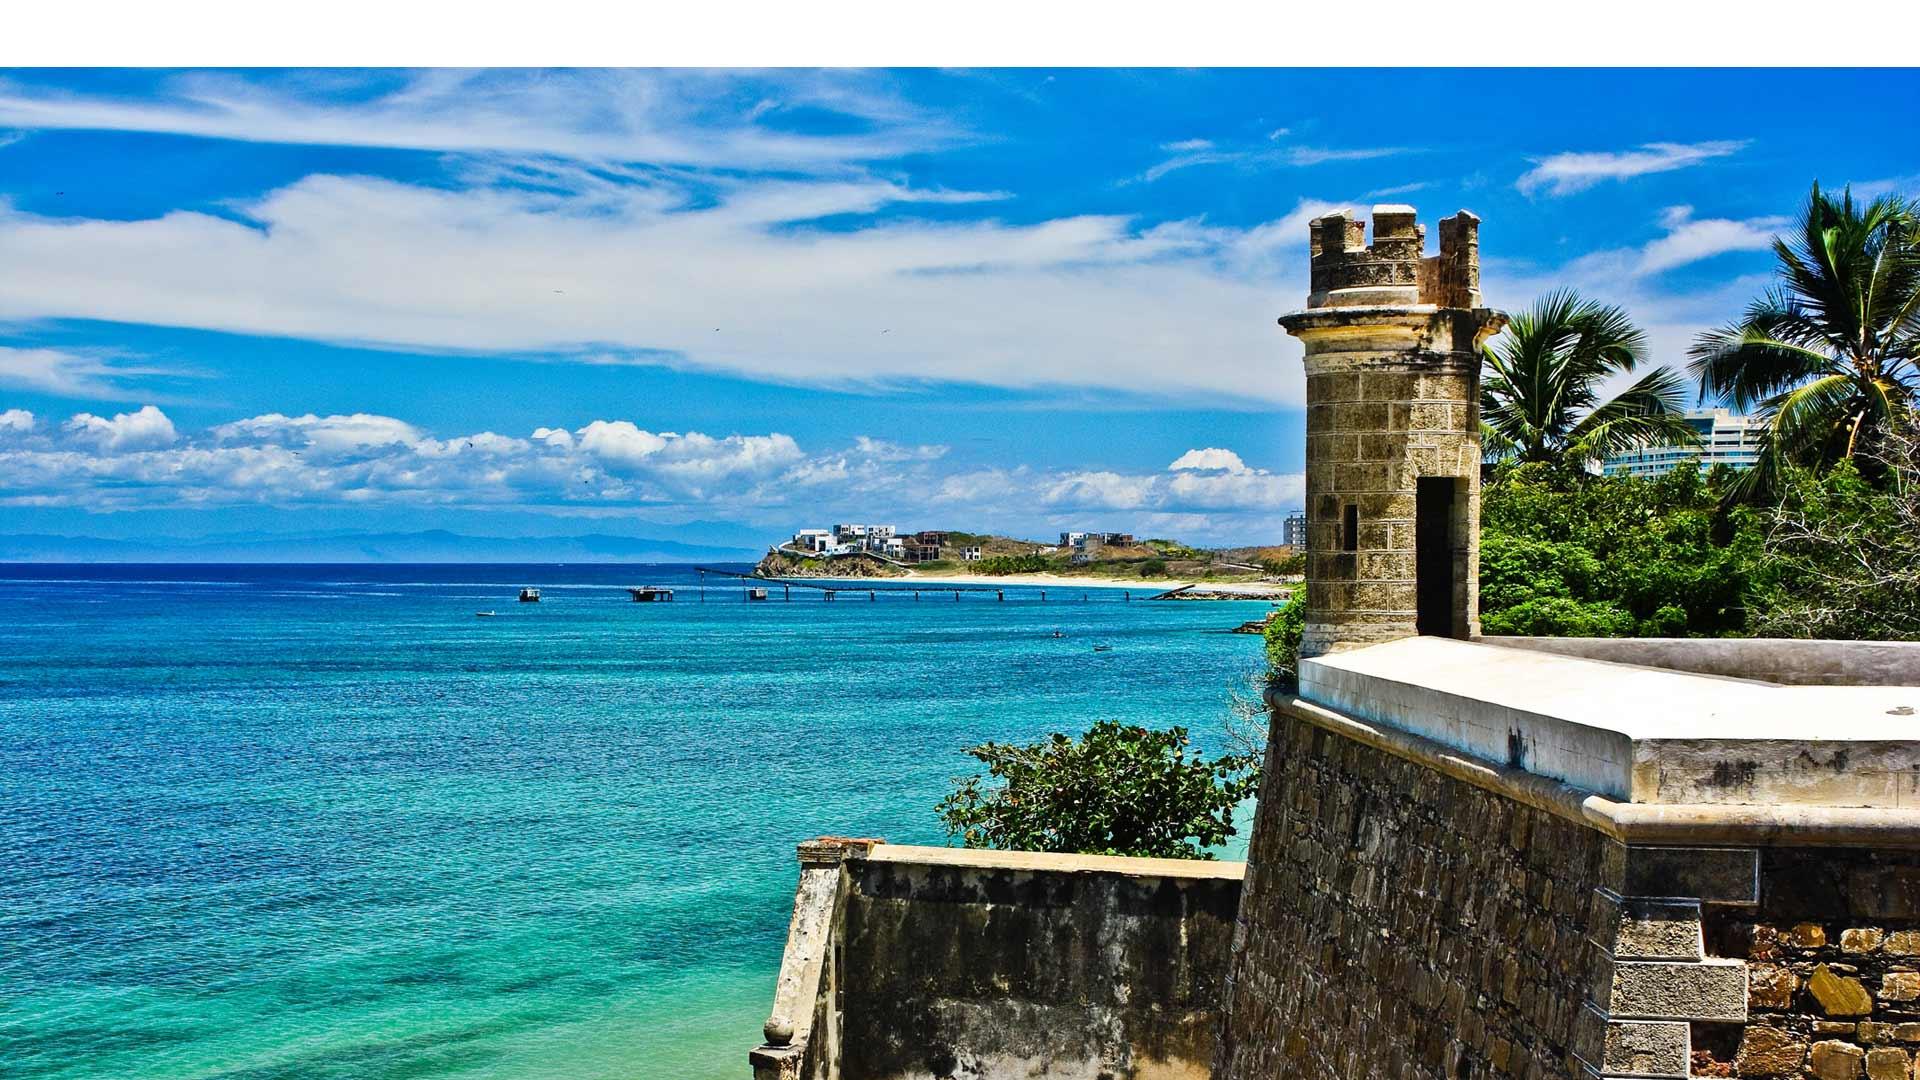 Durante Semana Santa Corpotur dispondrá de guías certificados con el objetivo de que los turistas conozcan la historia de los sitios visitados